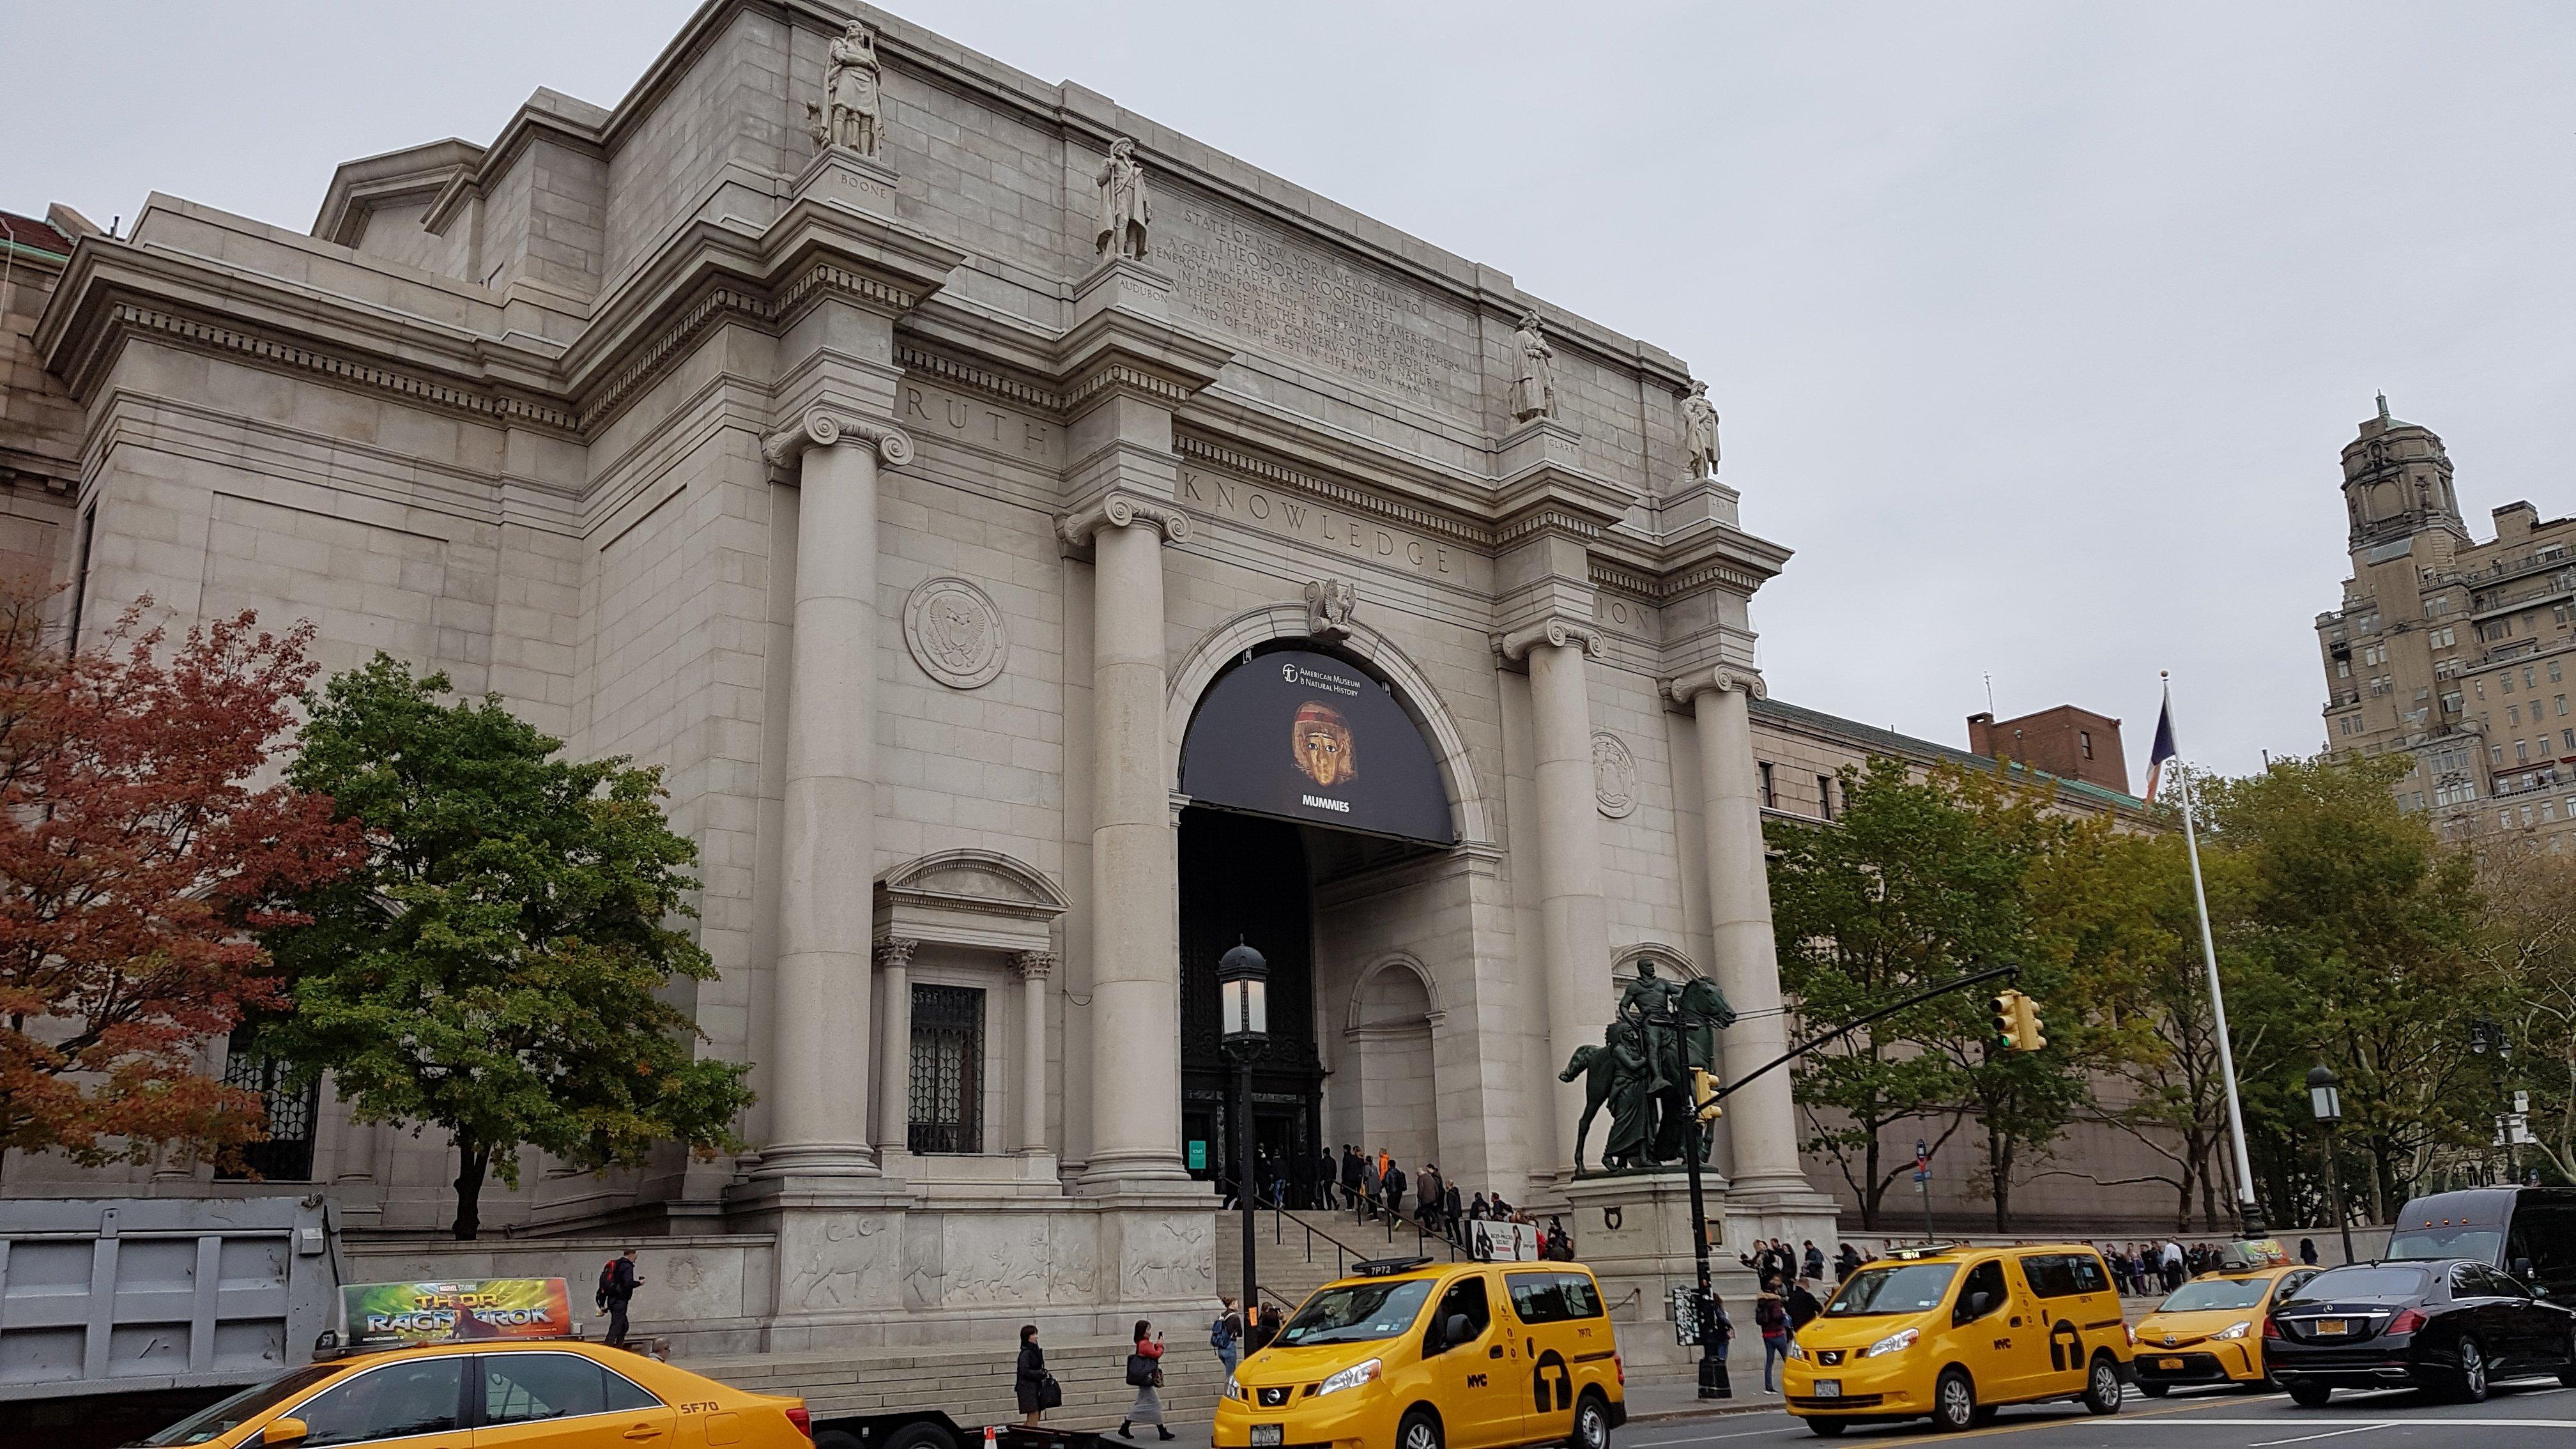 mattetjuju-2017-NYC-museumhistoirenaturelle